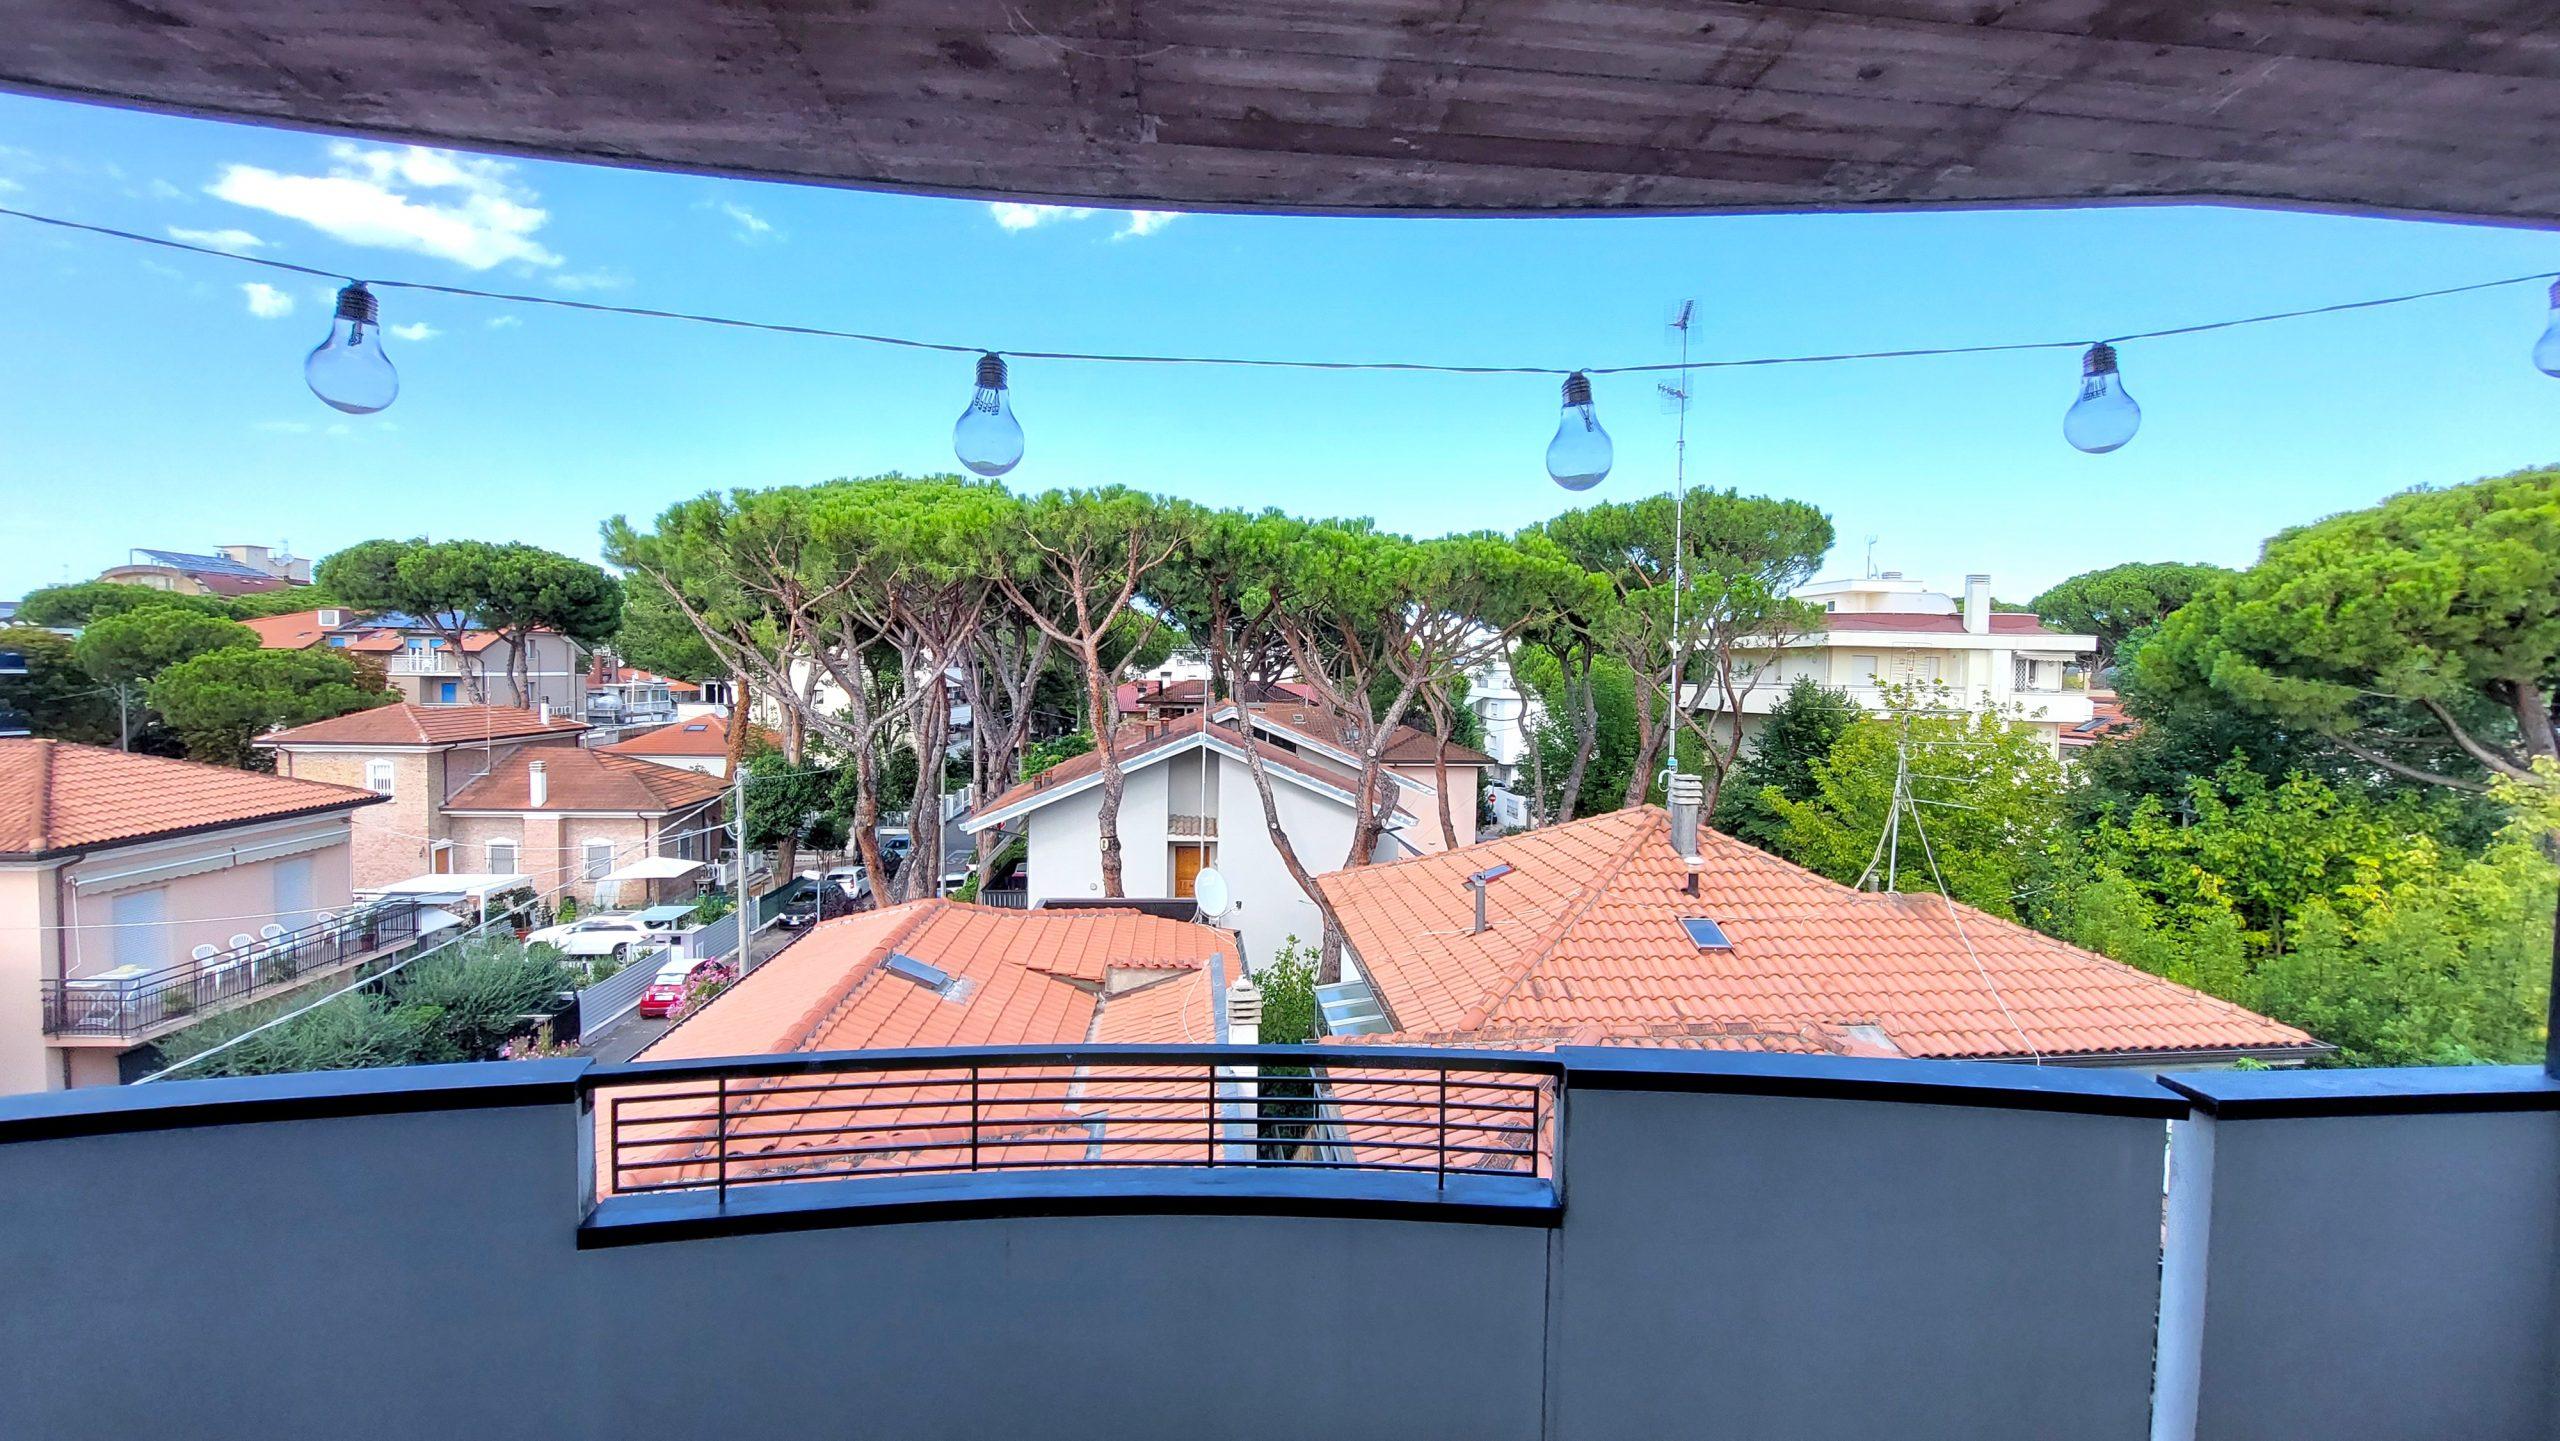 RICCIONE ALBA, app. piano alto terrazzo abitabile in vendita